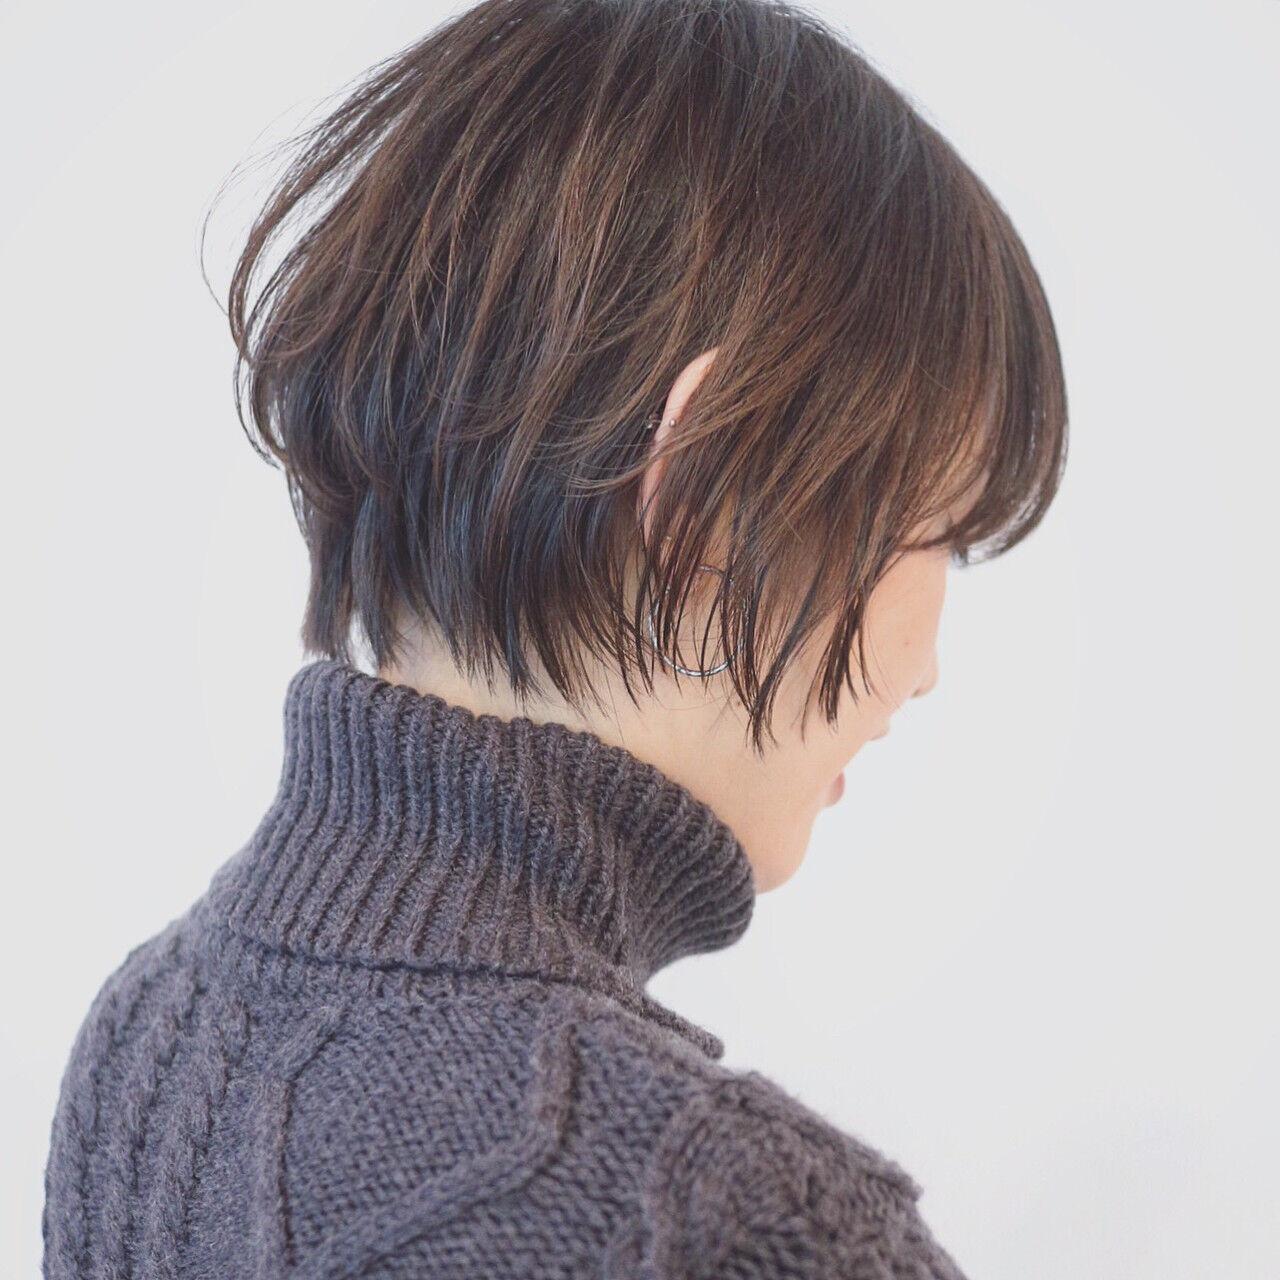 モード オフィス グラデーションカラー アウトドアヘアスタイルや髪型の写真・画像